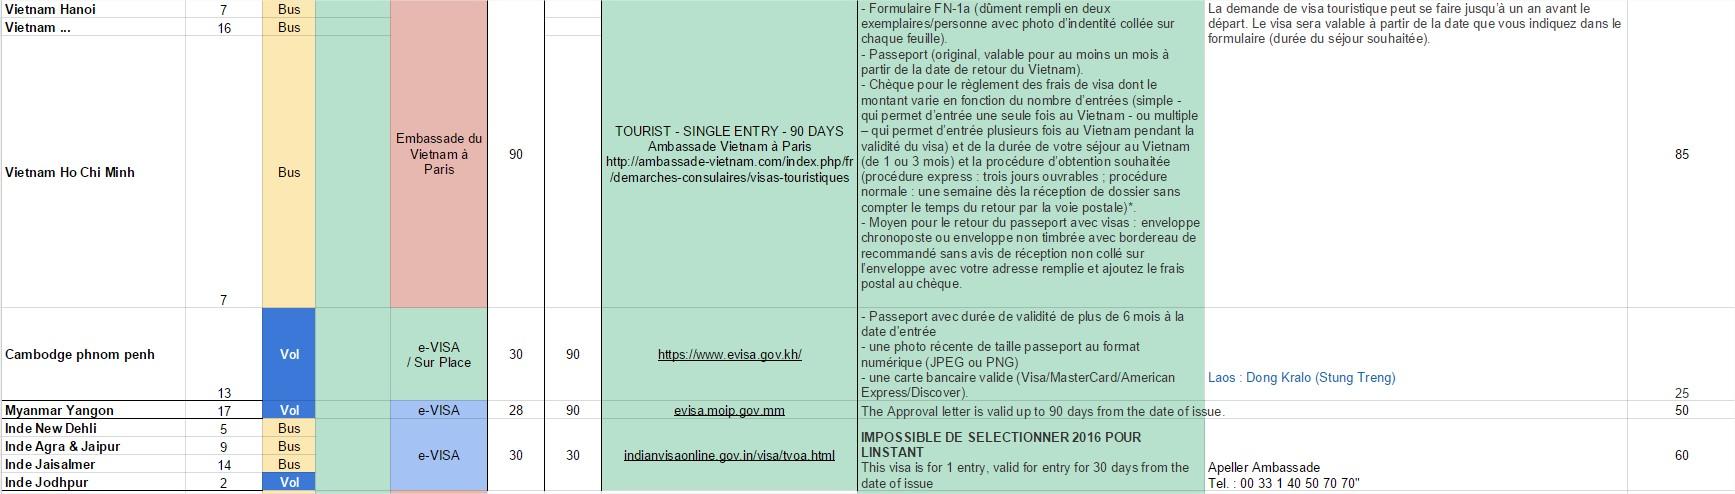 Outil-de-simulation-Budget-Climat-Jai-une-ouverture-Version-Enrichie.xlsx.xlsx - Google Sheets - Google Chrome_14